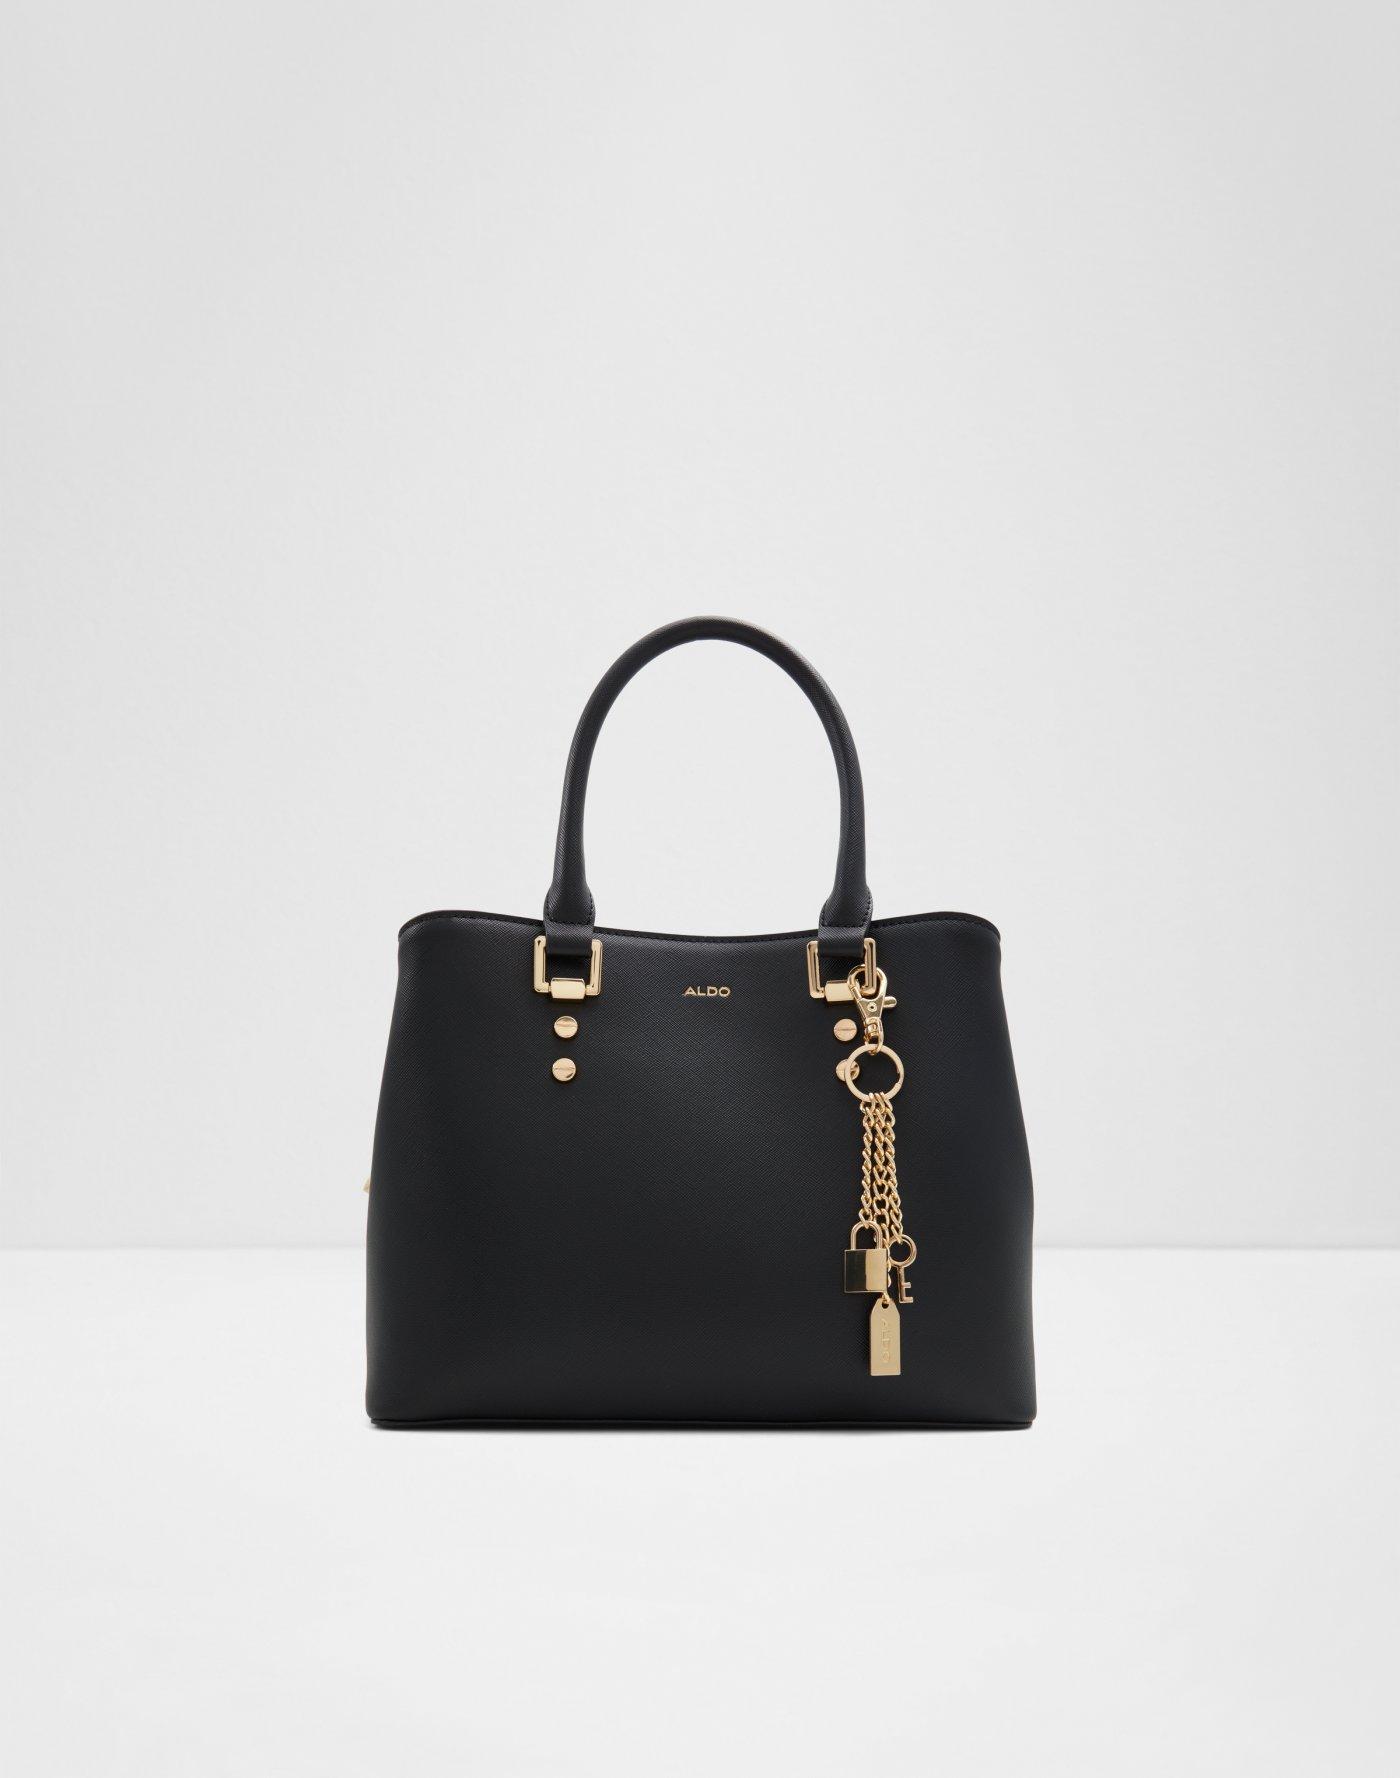 b34a10bc11d All Handbags | Aldoshoes.com US